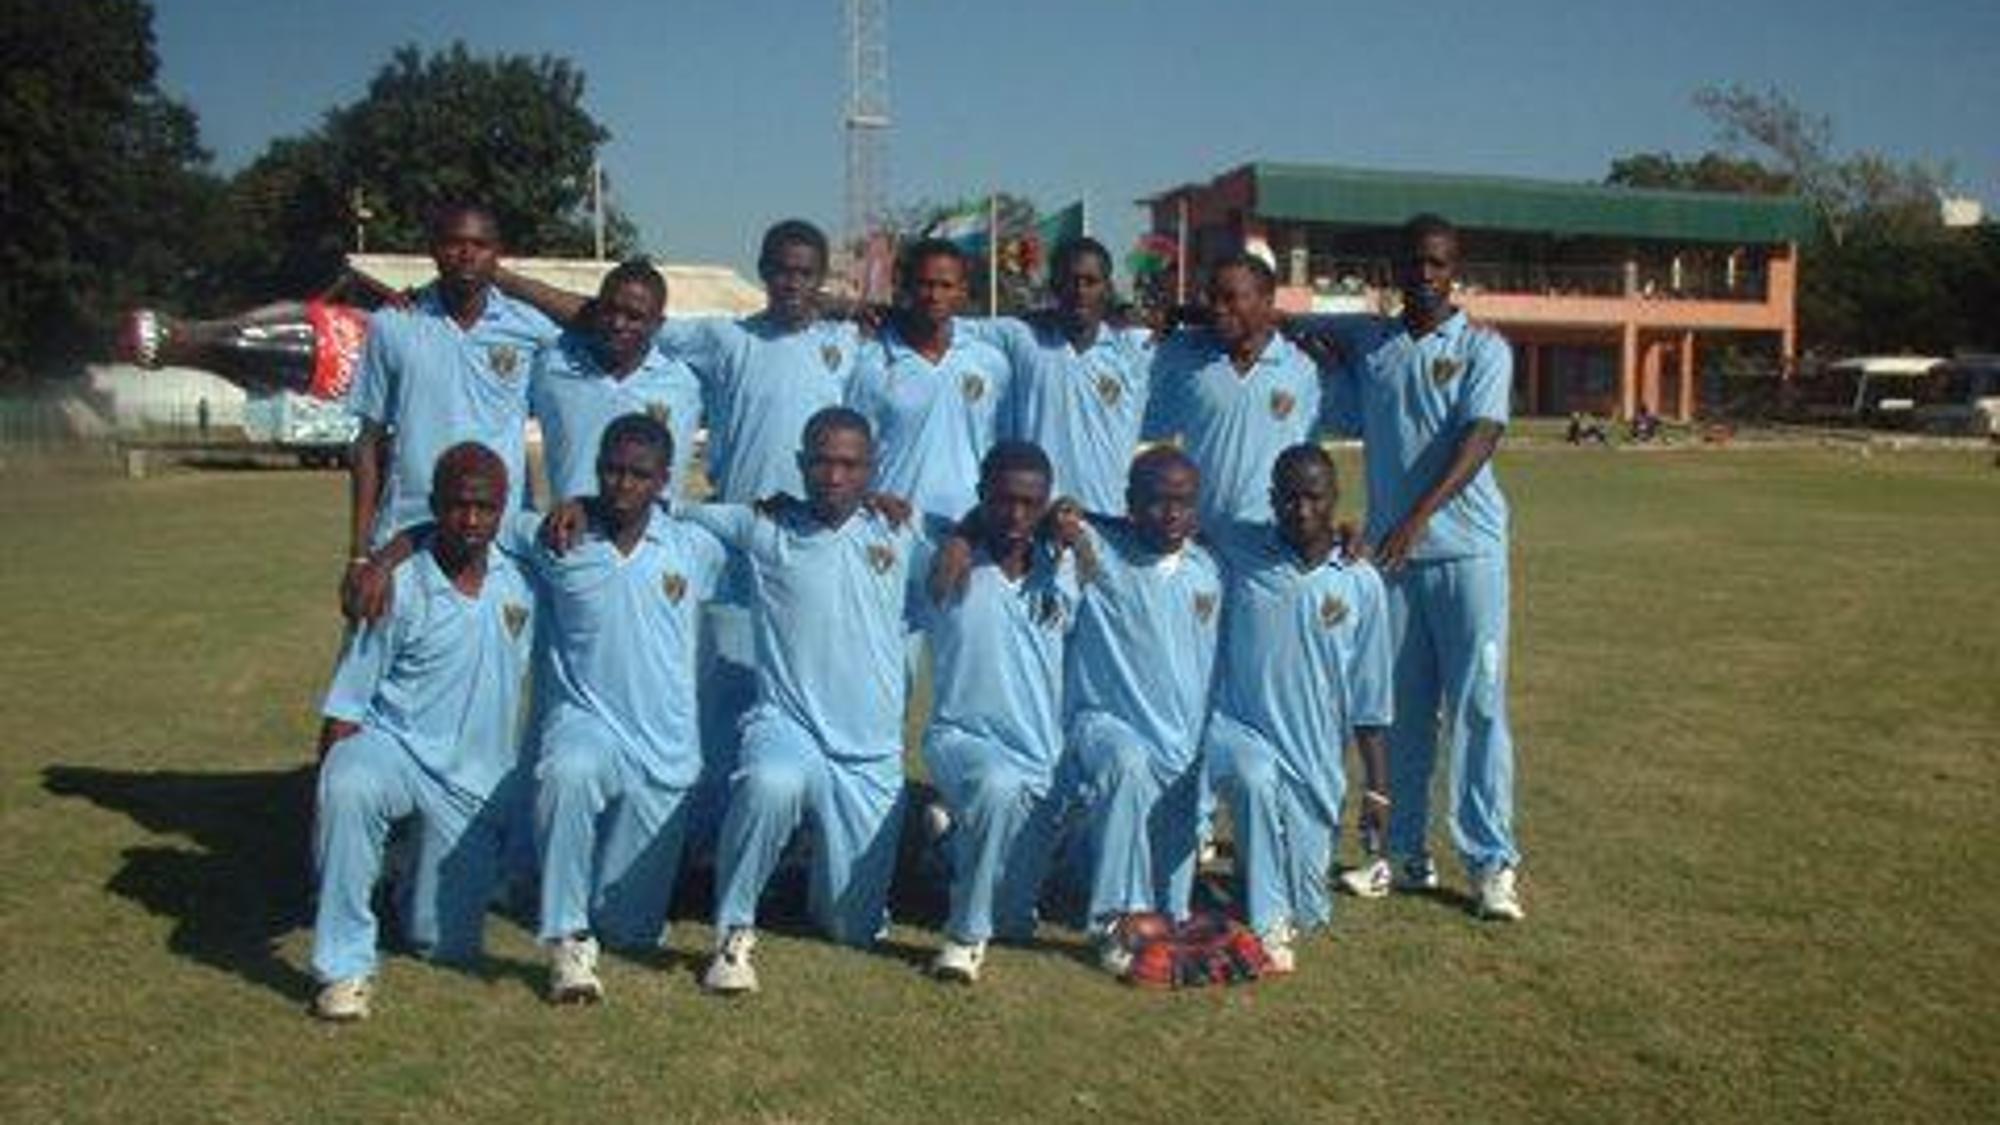 2239 Sierra Leone's U19 team